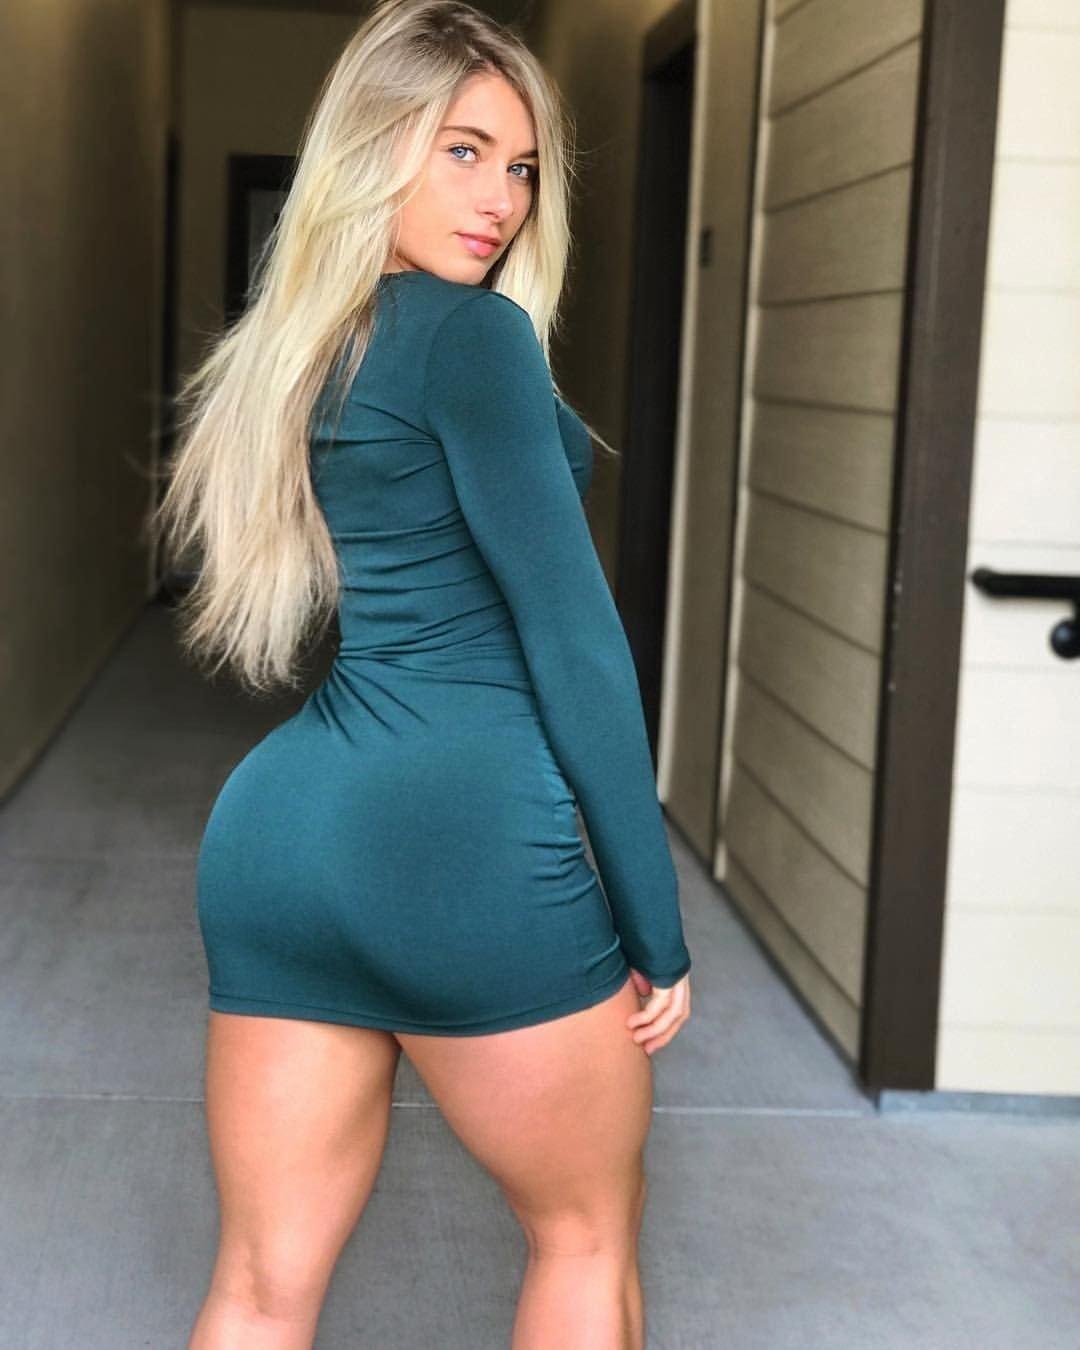 Voluptuous Blonde